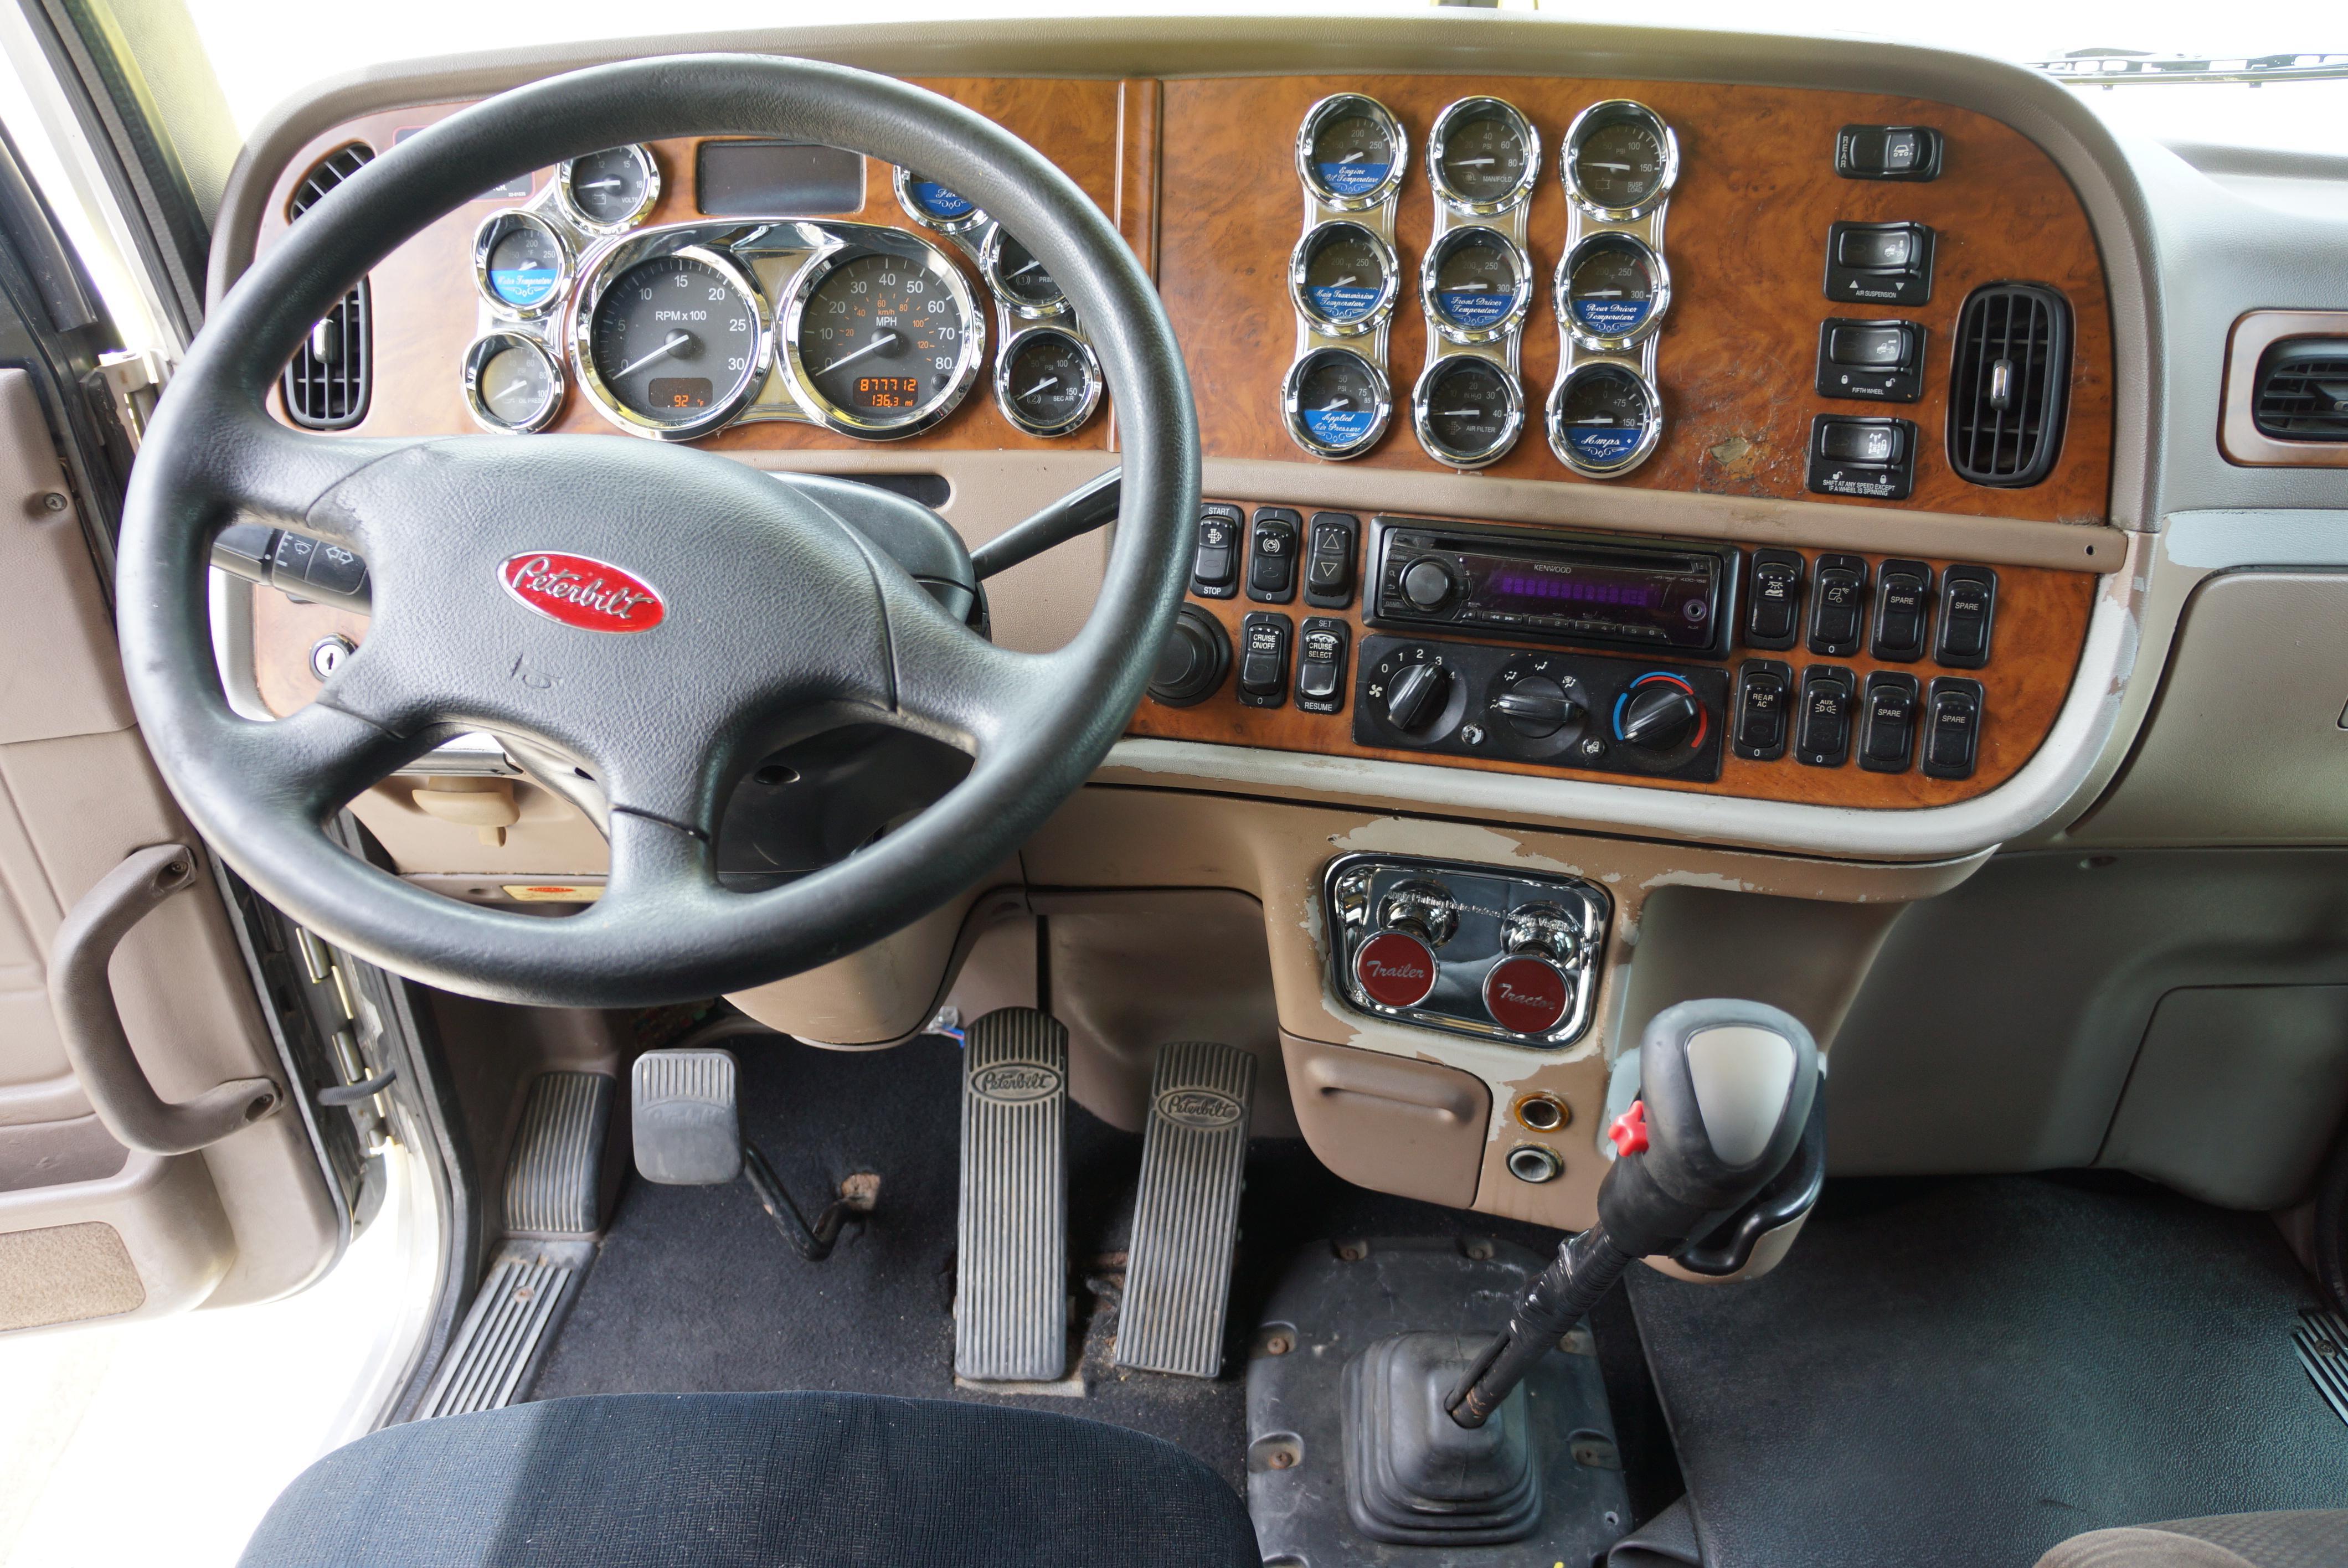 Used 2008 Peterbilt 389 for sale-59023067